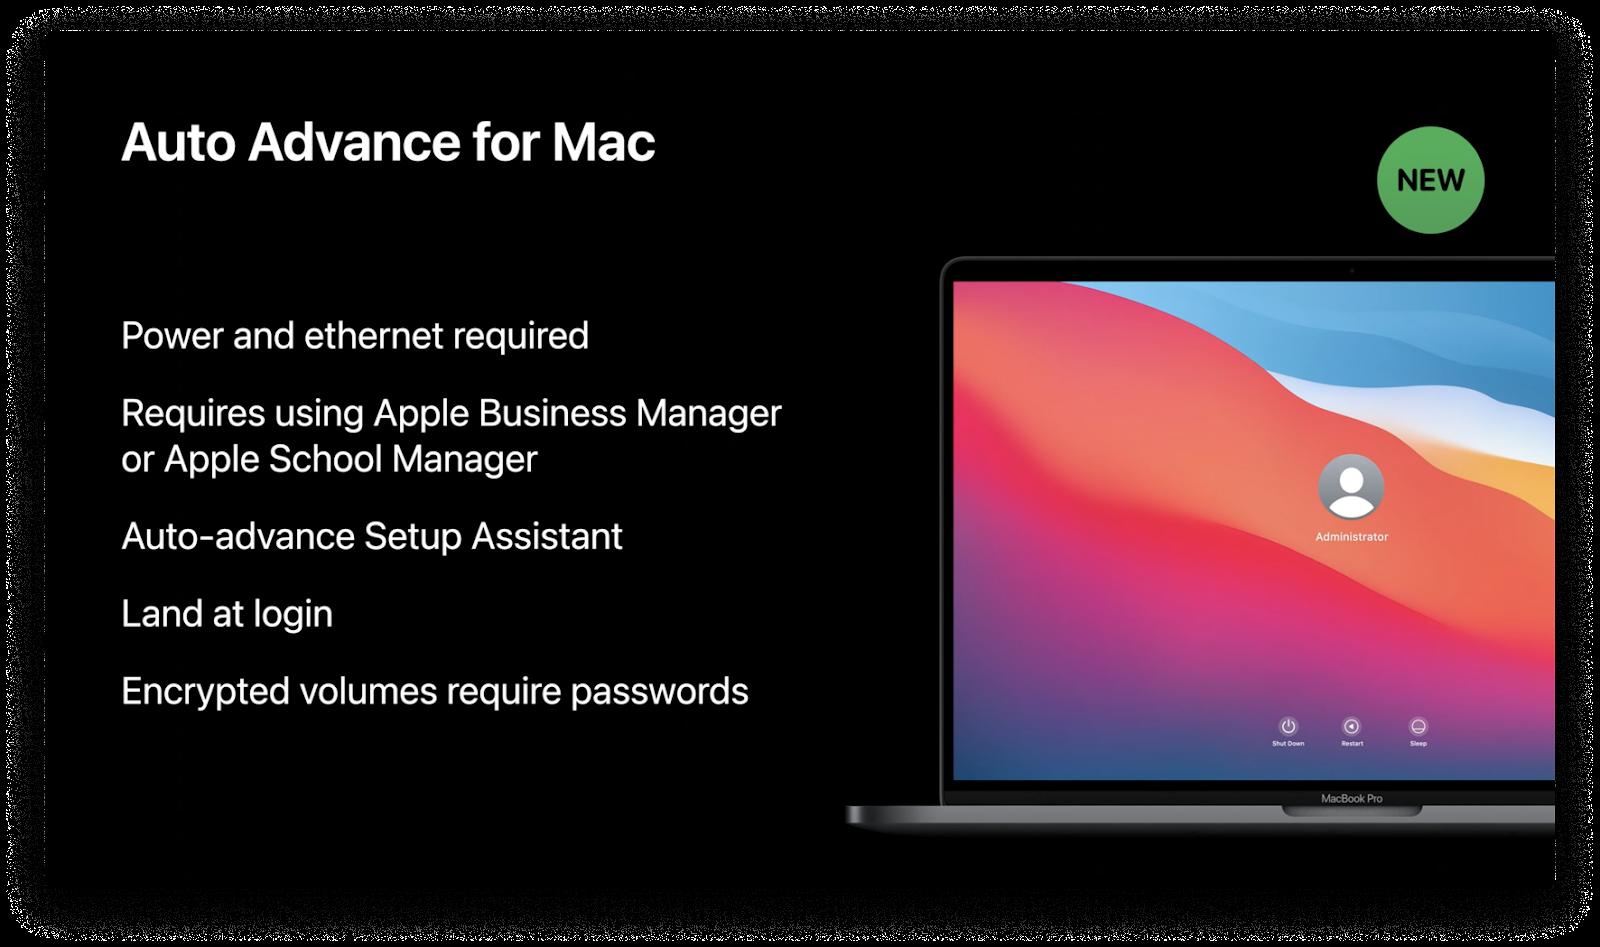 auto advance for macOS Big Sur